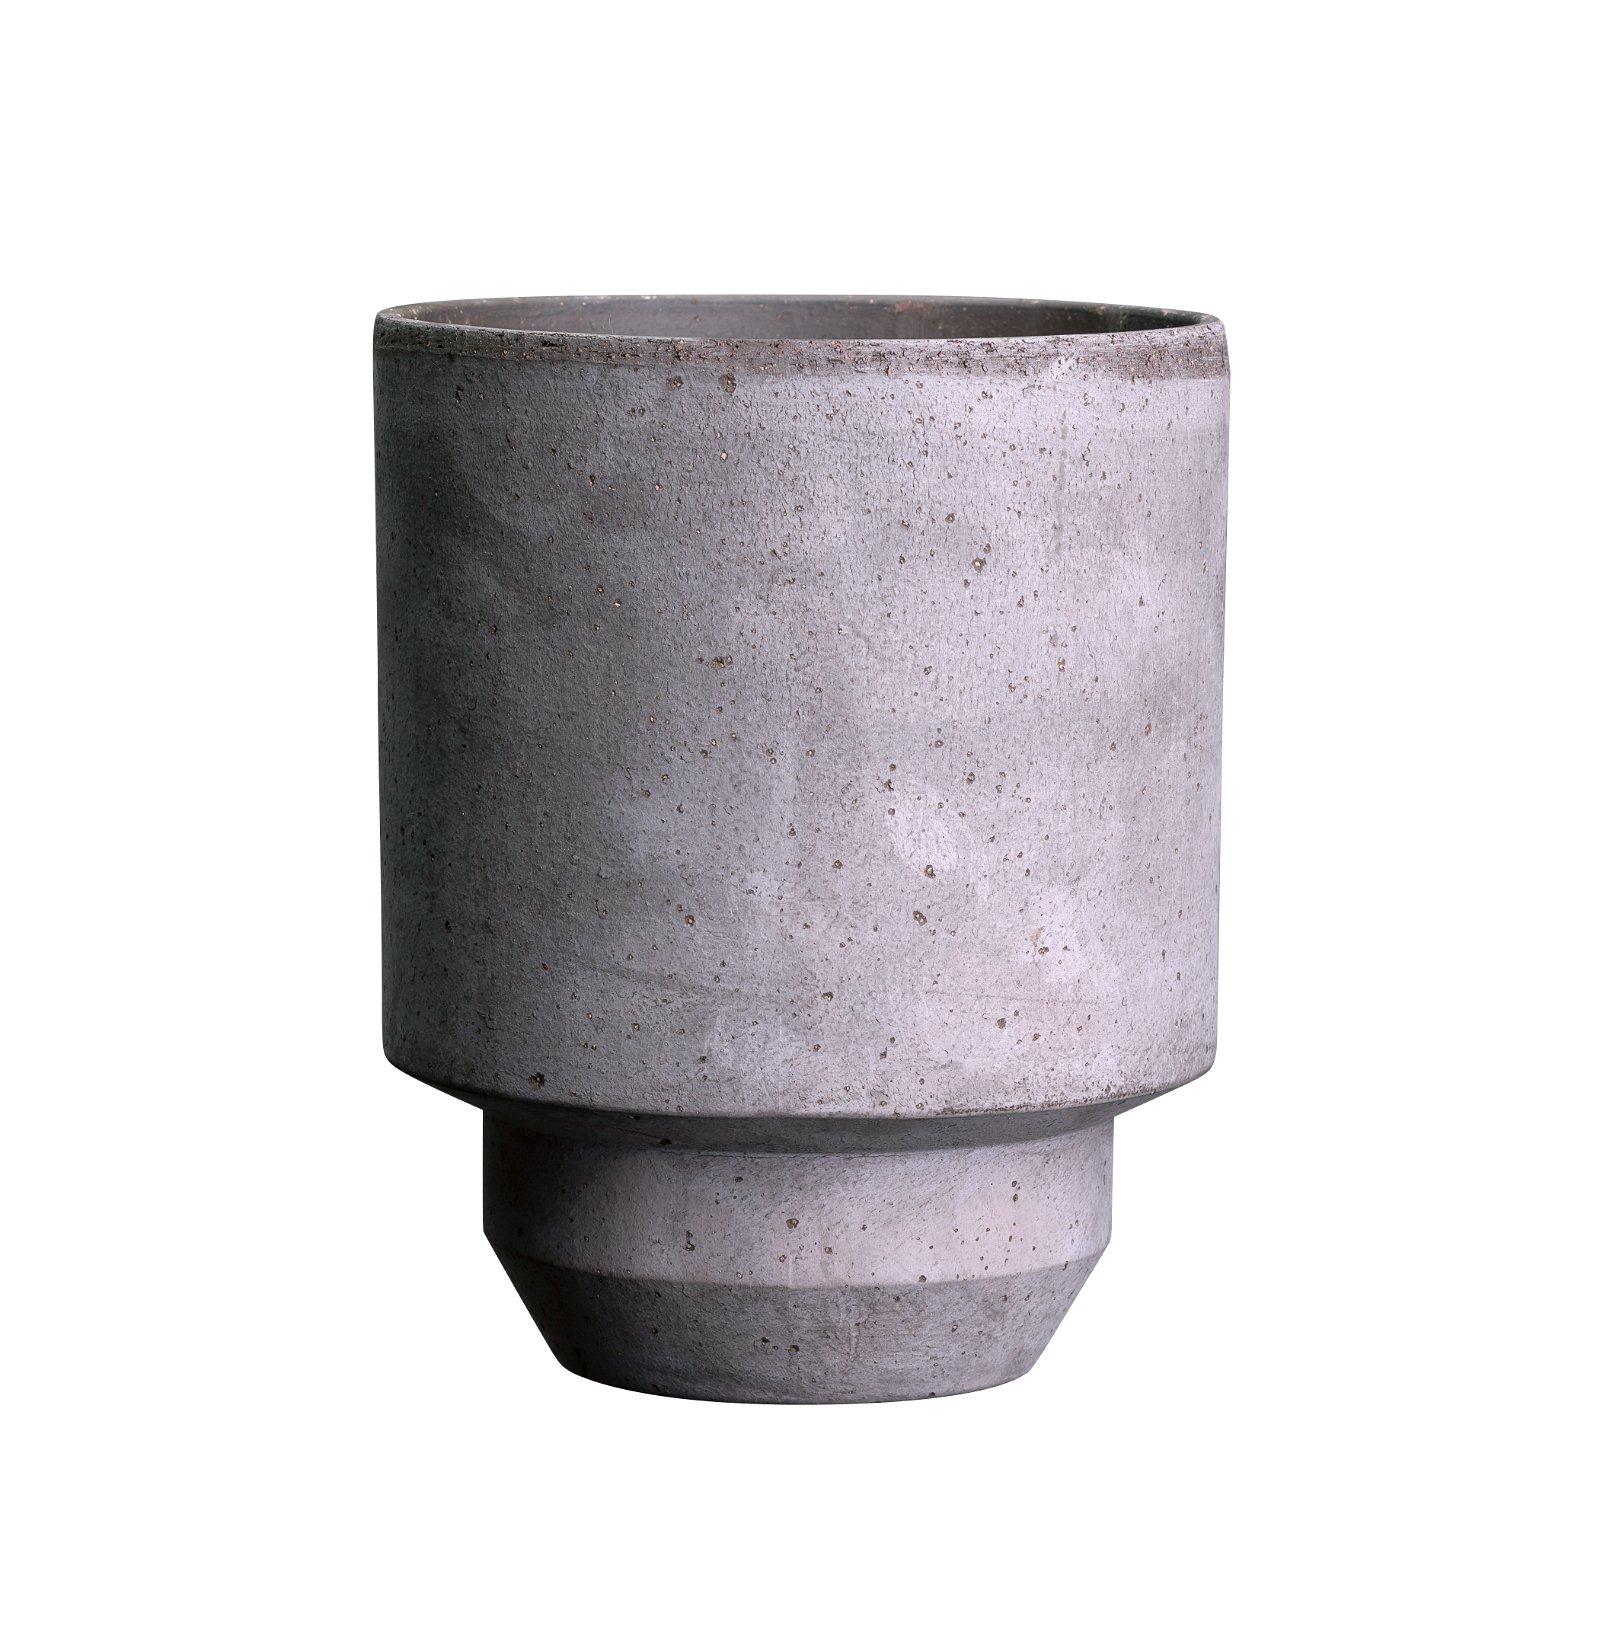 Bergs Potter, The Hoff Pot Grå, 30 cm, Potte